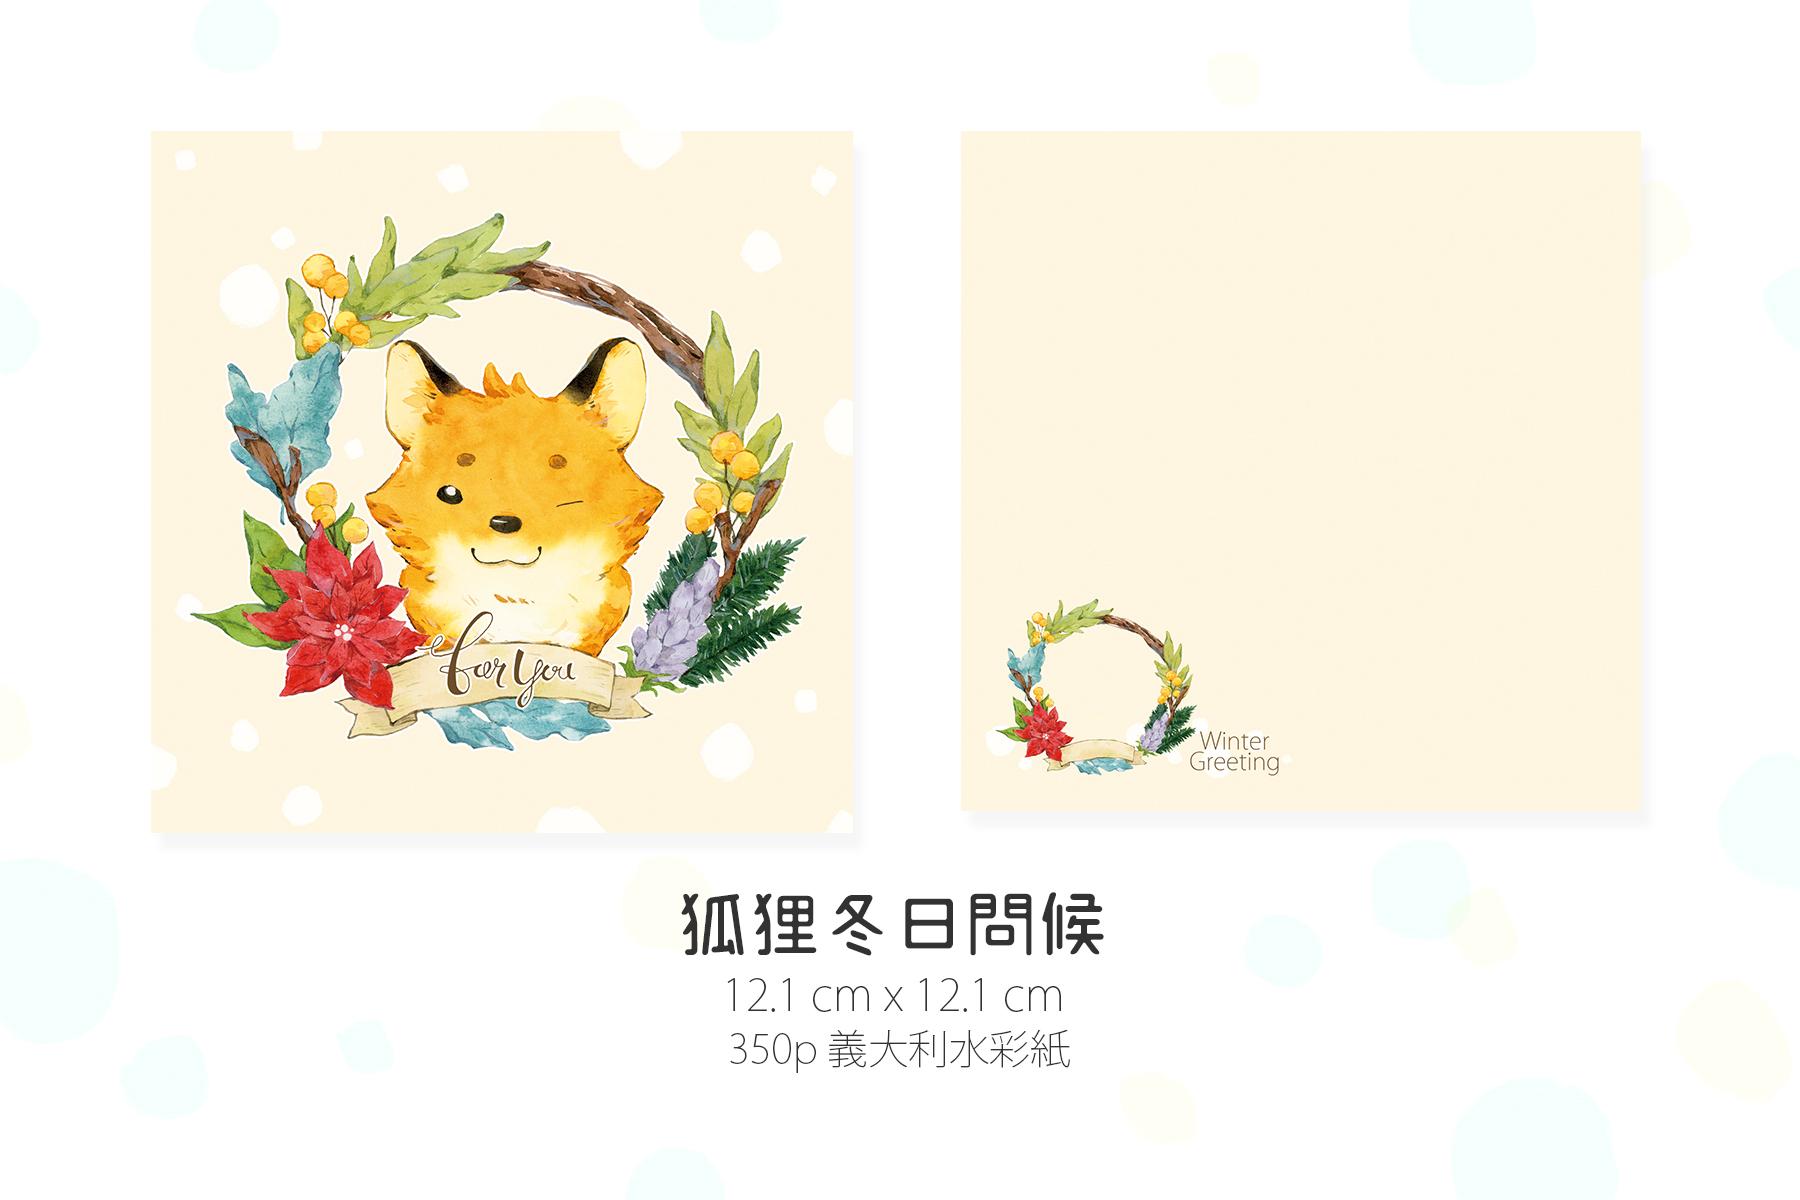 新冬日問候卡片 - 狐狸